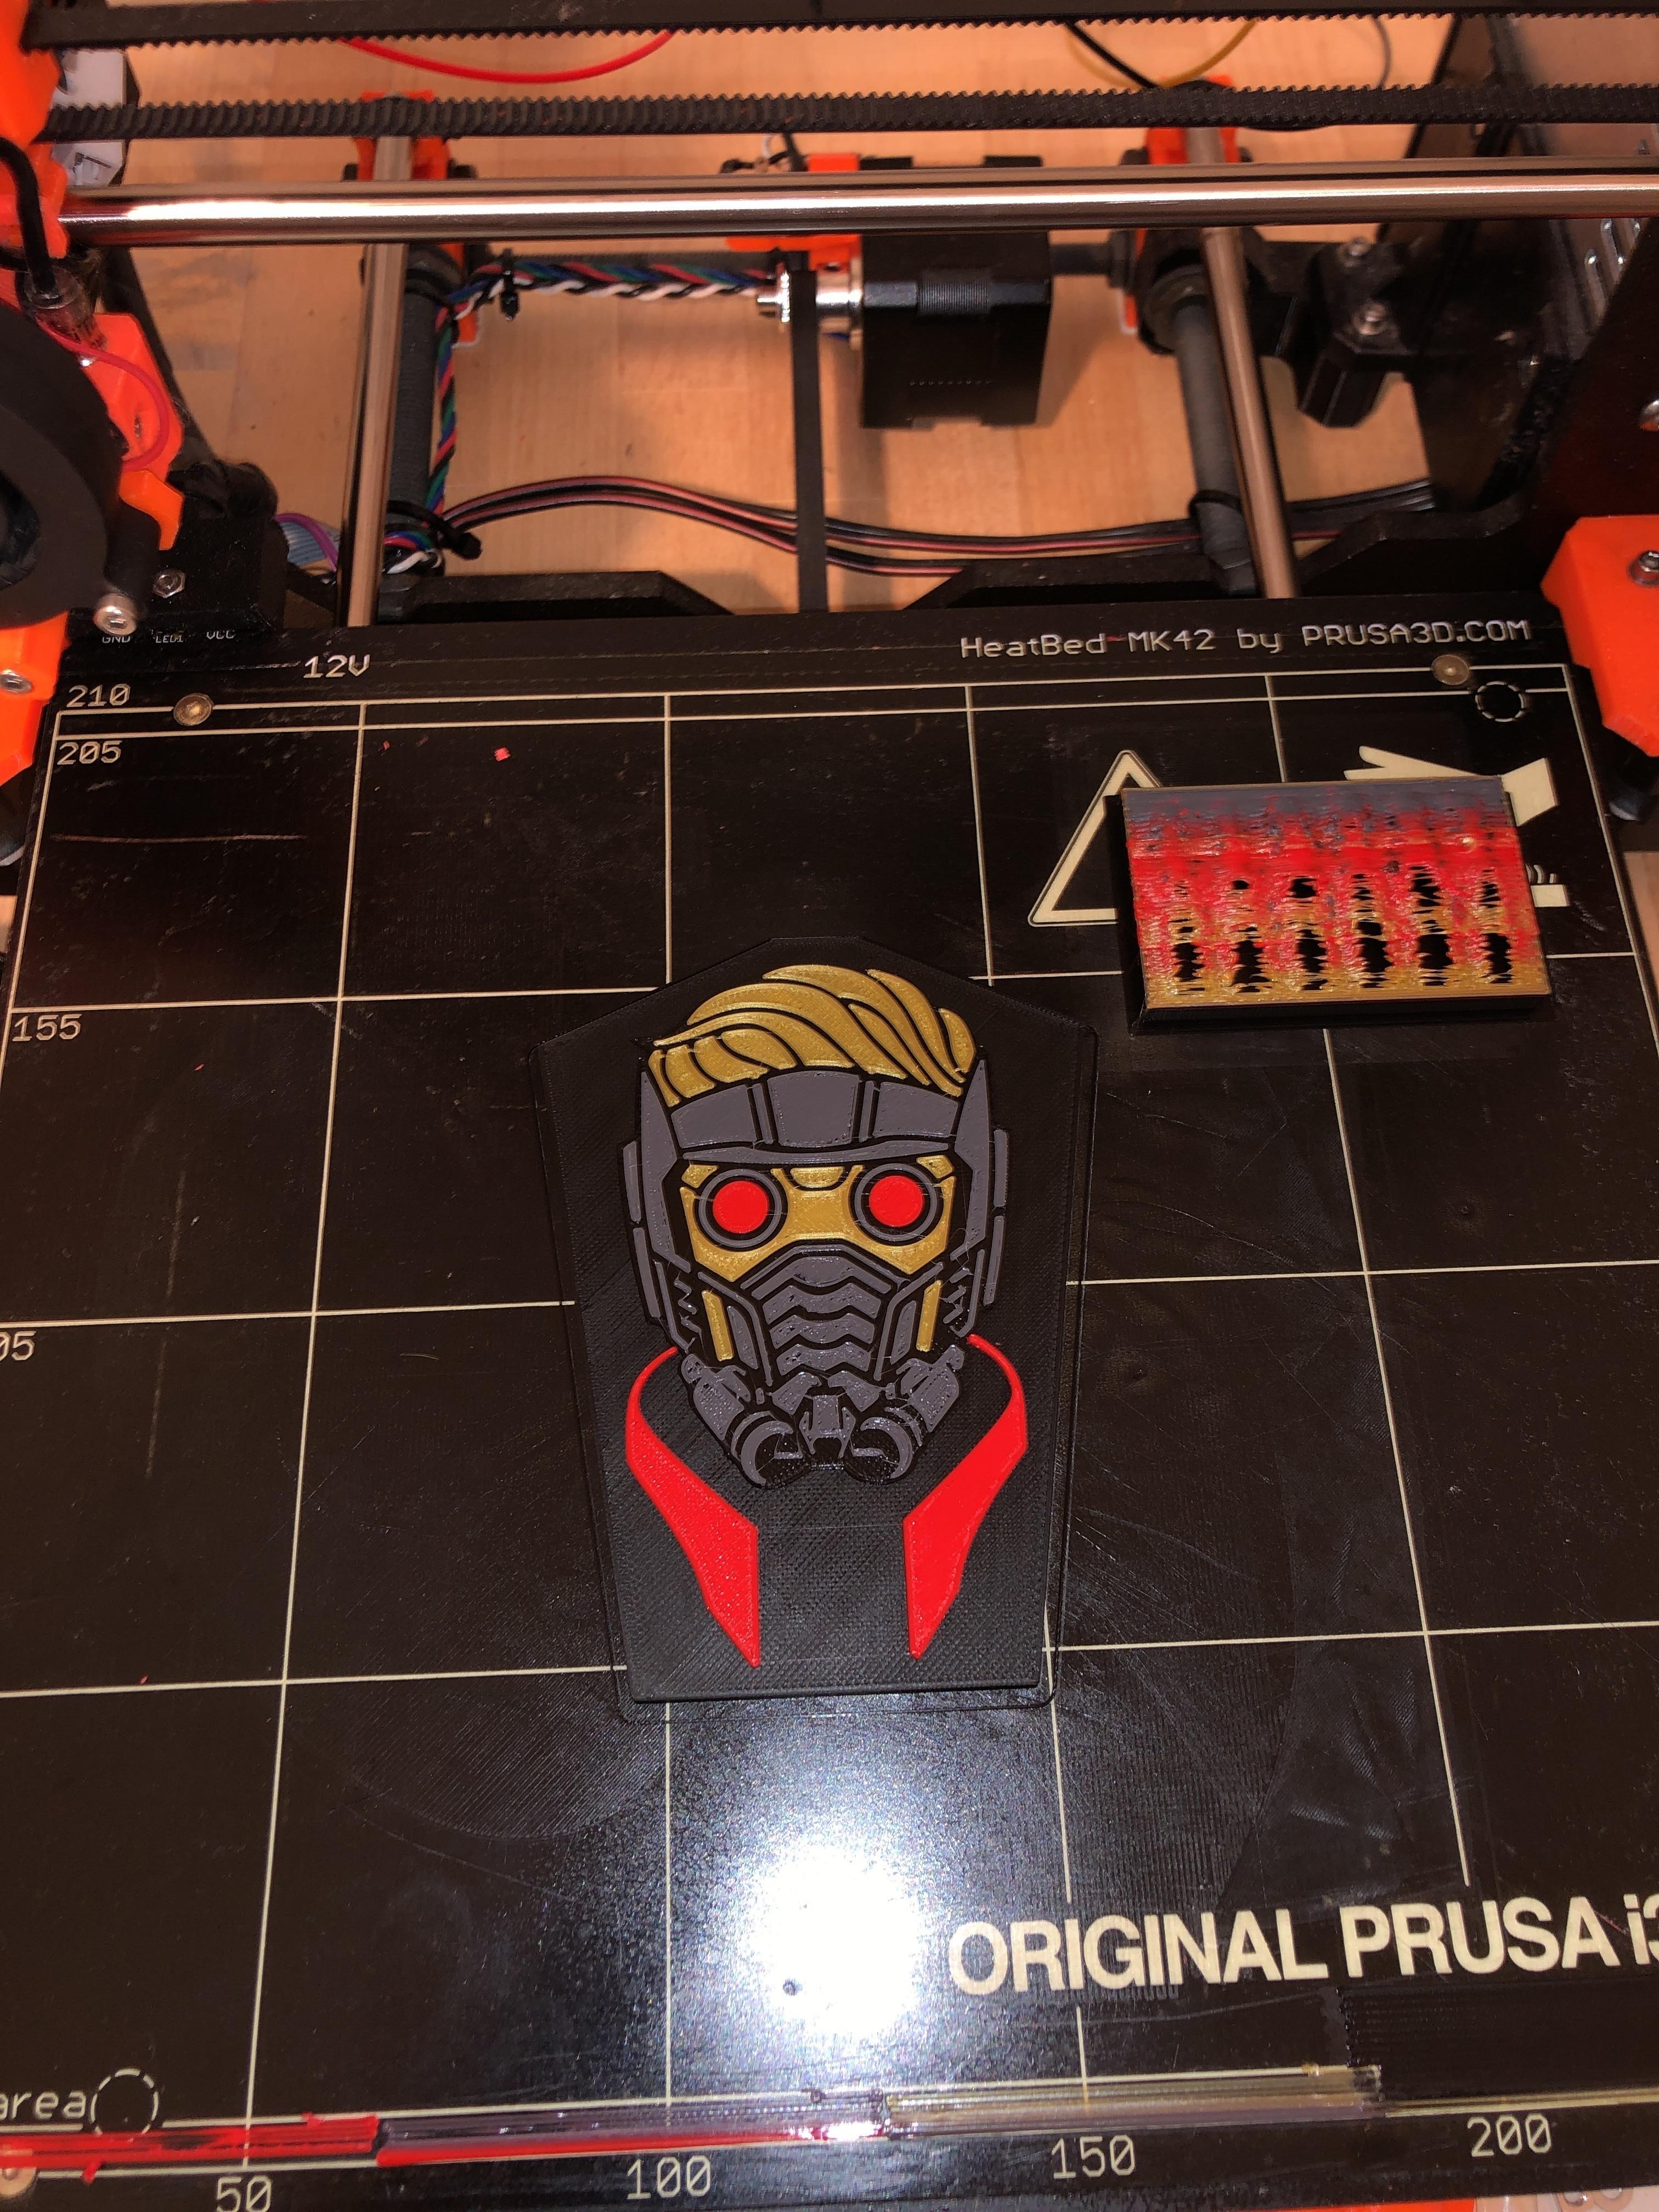 19163797-5935-4DB9-8A6B-0B2C689DF5D6.jpeg Download free STL file Star-Lord Badge • 3D print object, 3Dimpact